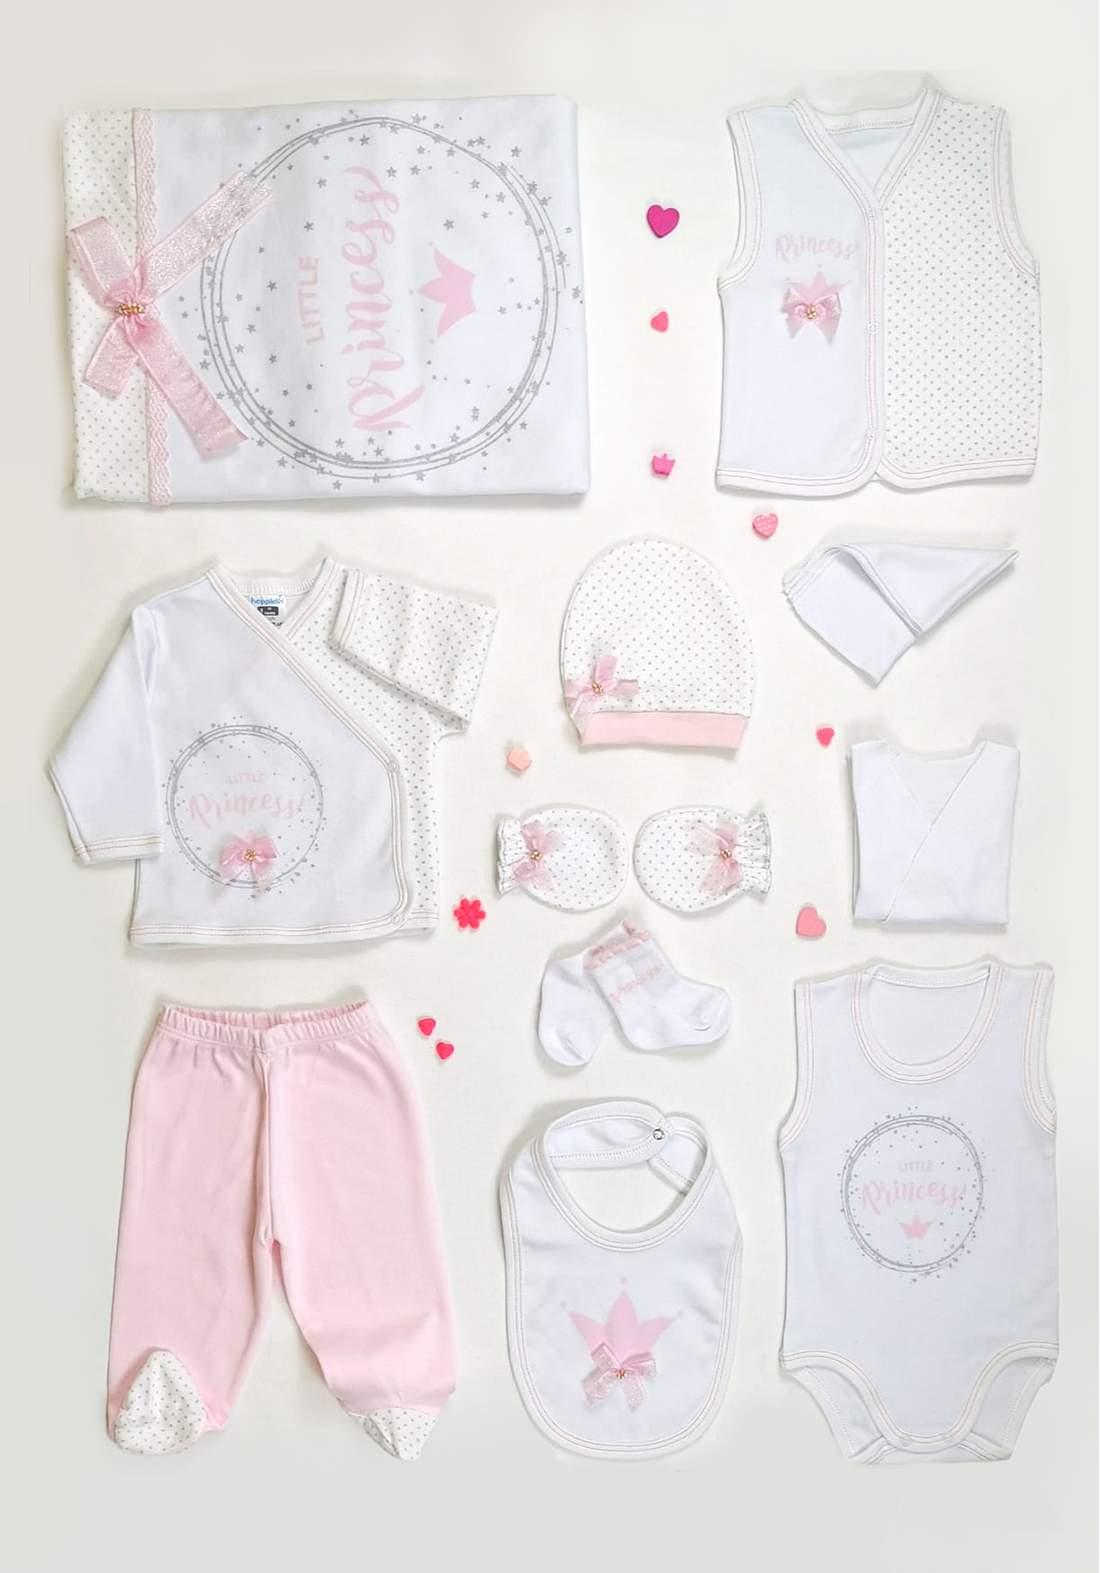 سيت بناتي للاطفال حديثي الولادة وردي وابيض للون